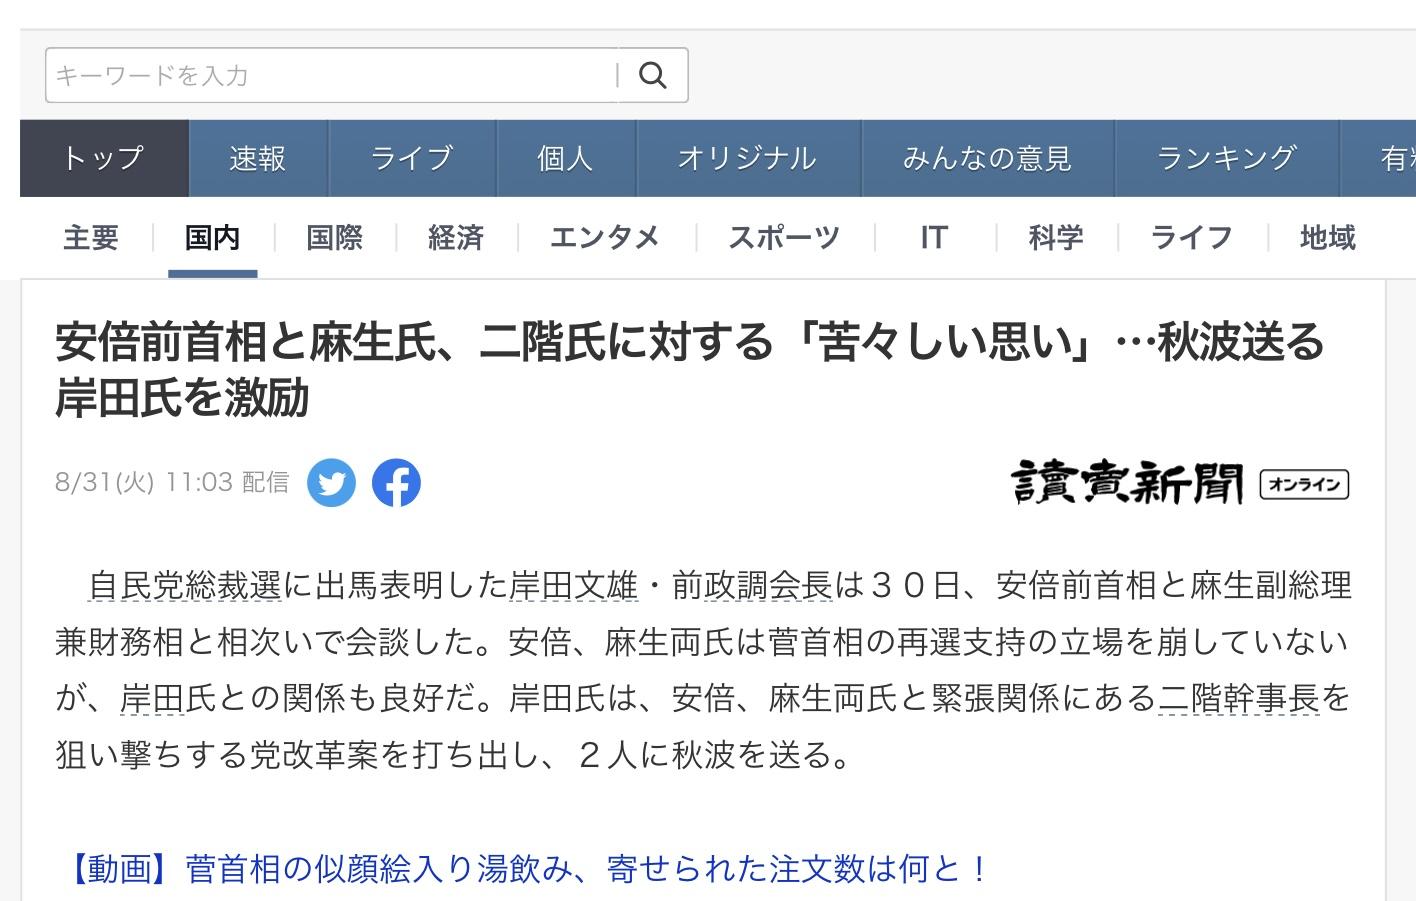 安倍與麻生原本就跟二階不合,菅義偉這次砍二階,也跟挺菅義偉的二人不無關係。 圖:攝自讀賣新聞官網